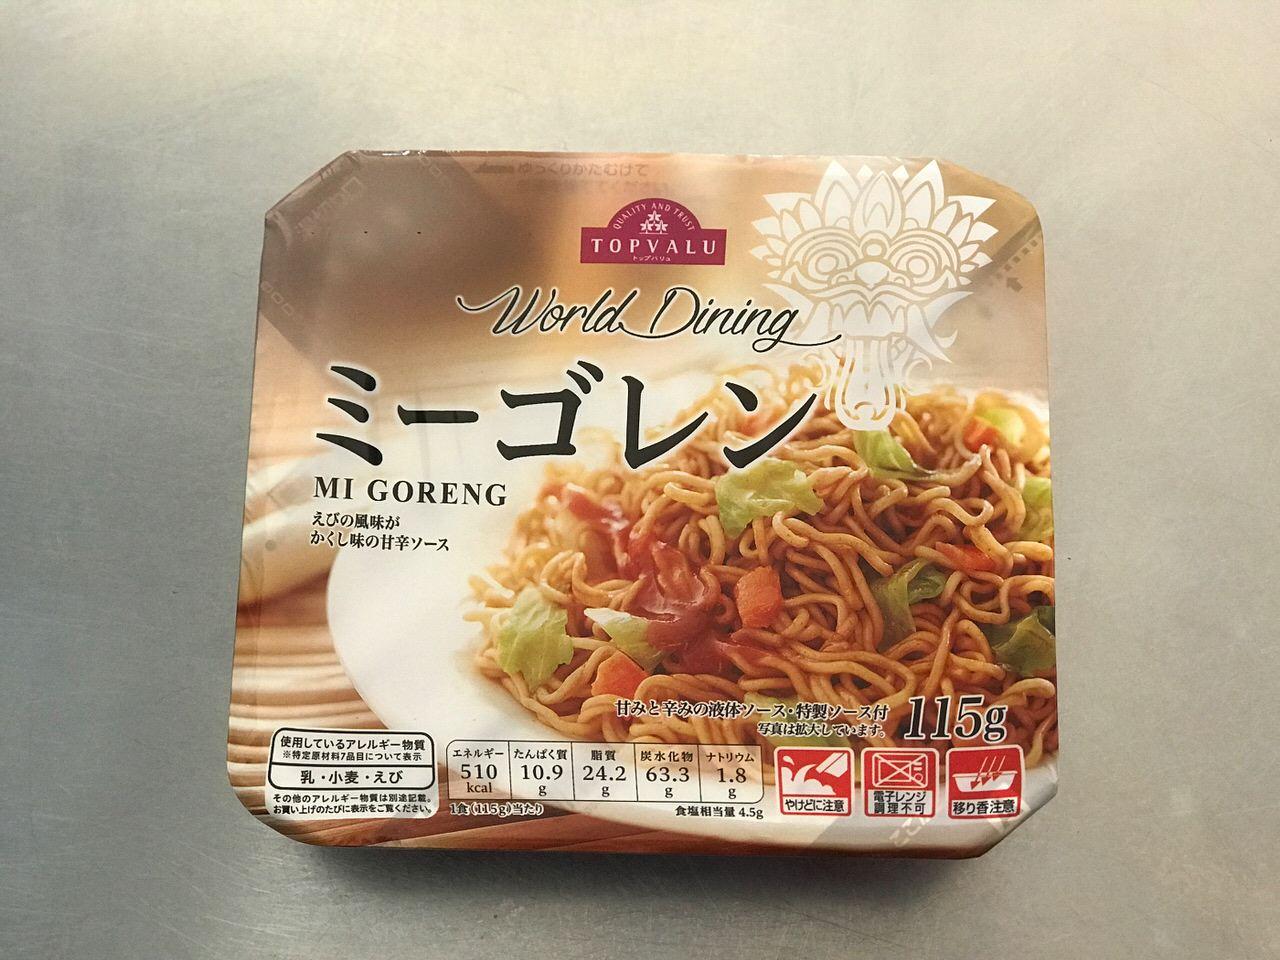 トップバリュのカップ麺「ミーゴレン」がなかなか美味だった → 105円だと!?